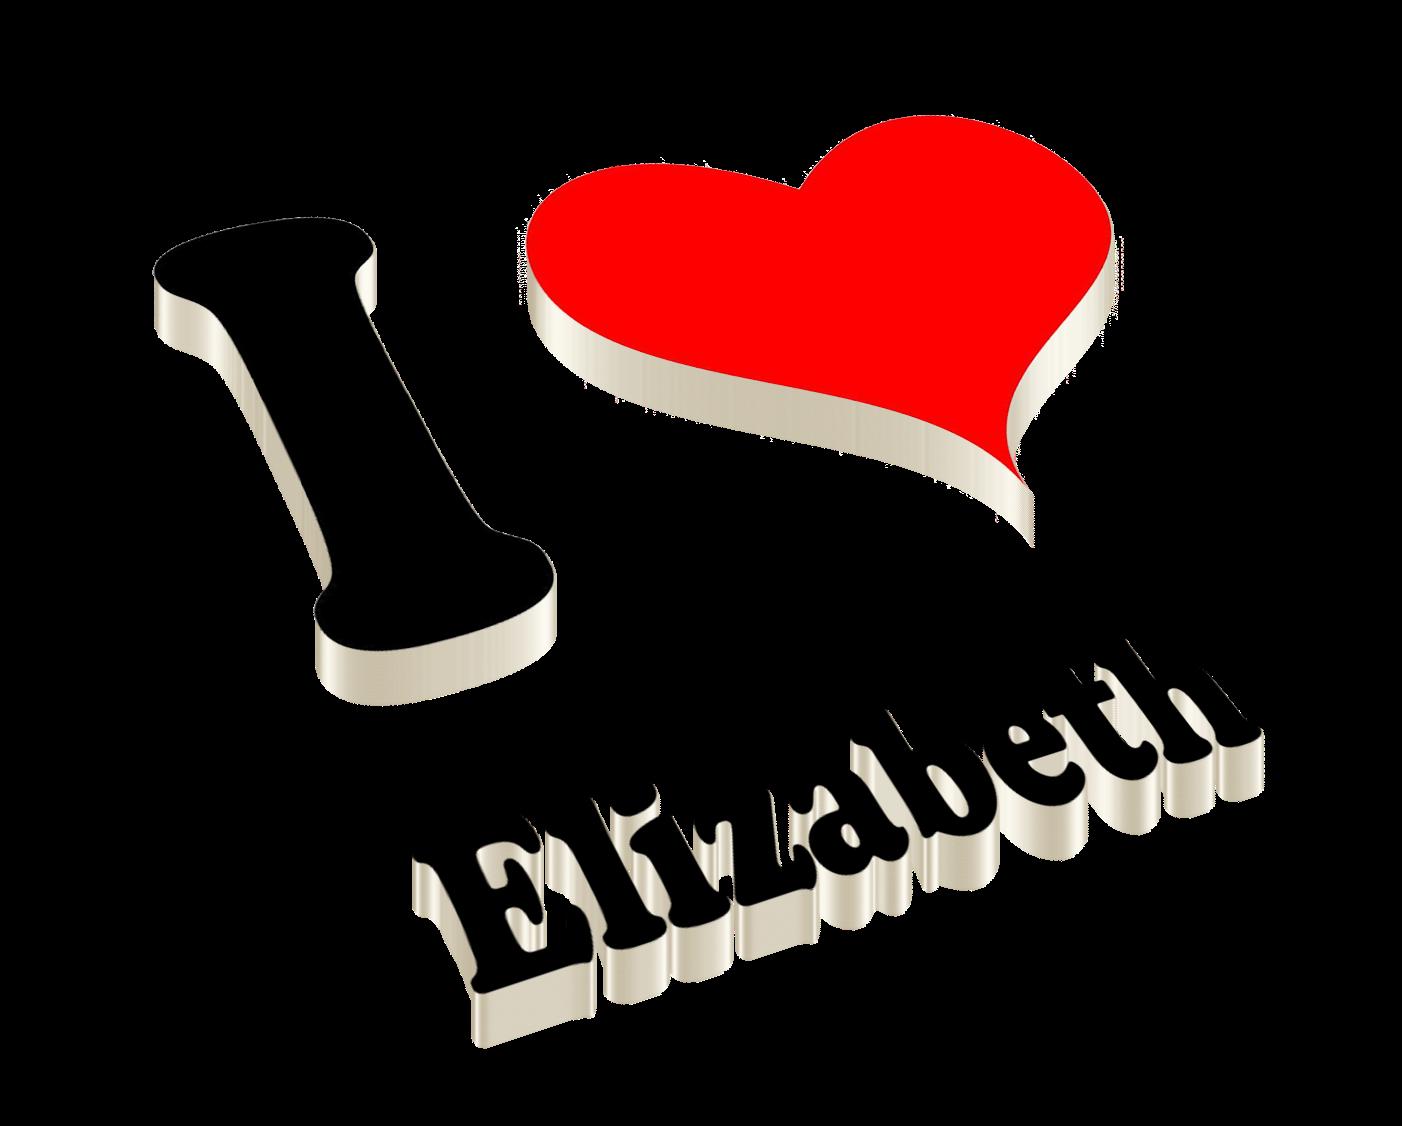 Elizabeth Heart Name Transparent PNG.